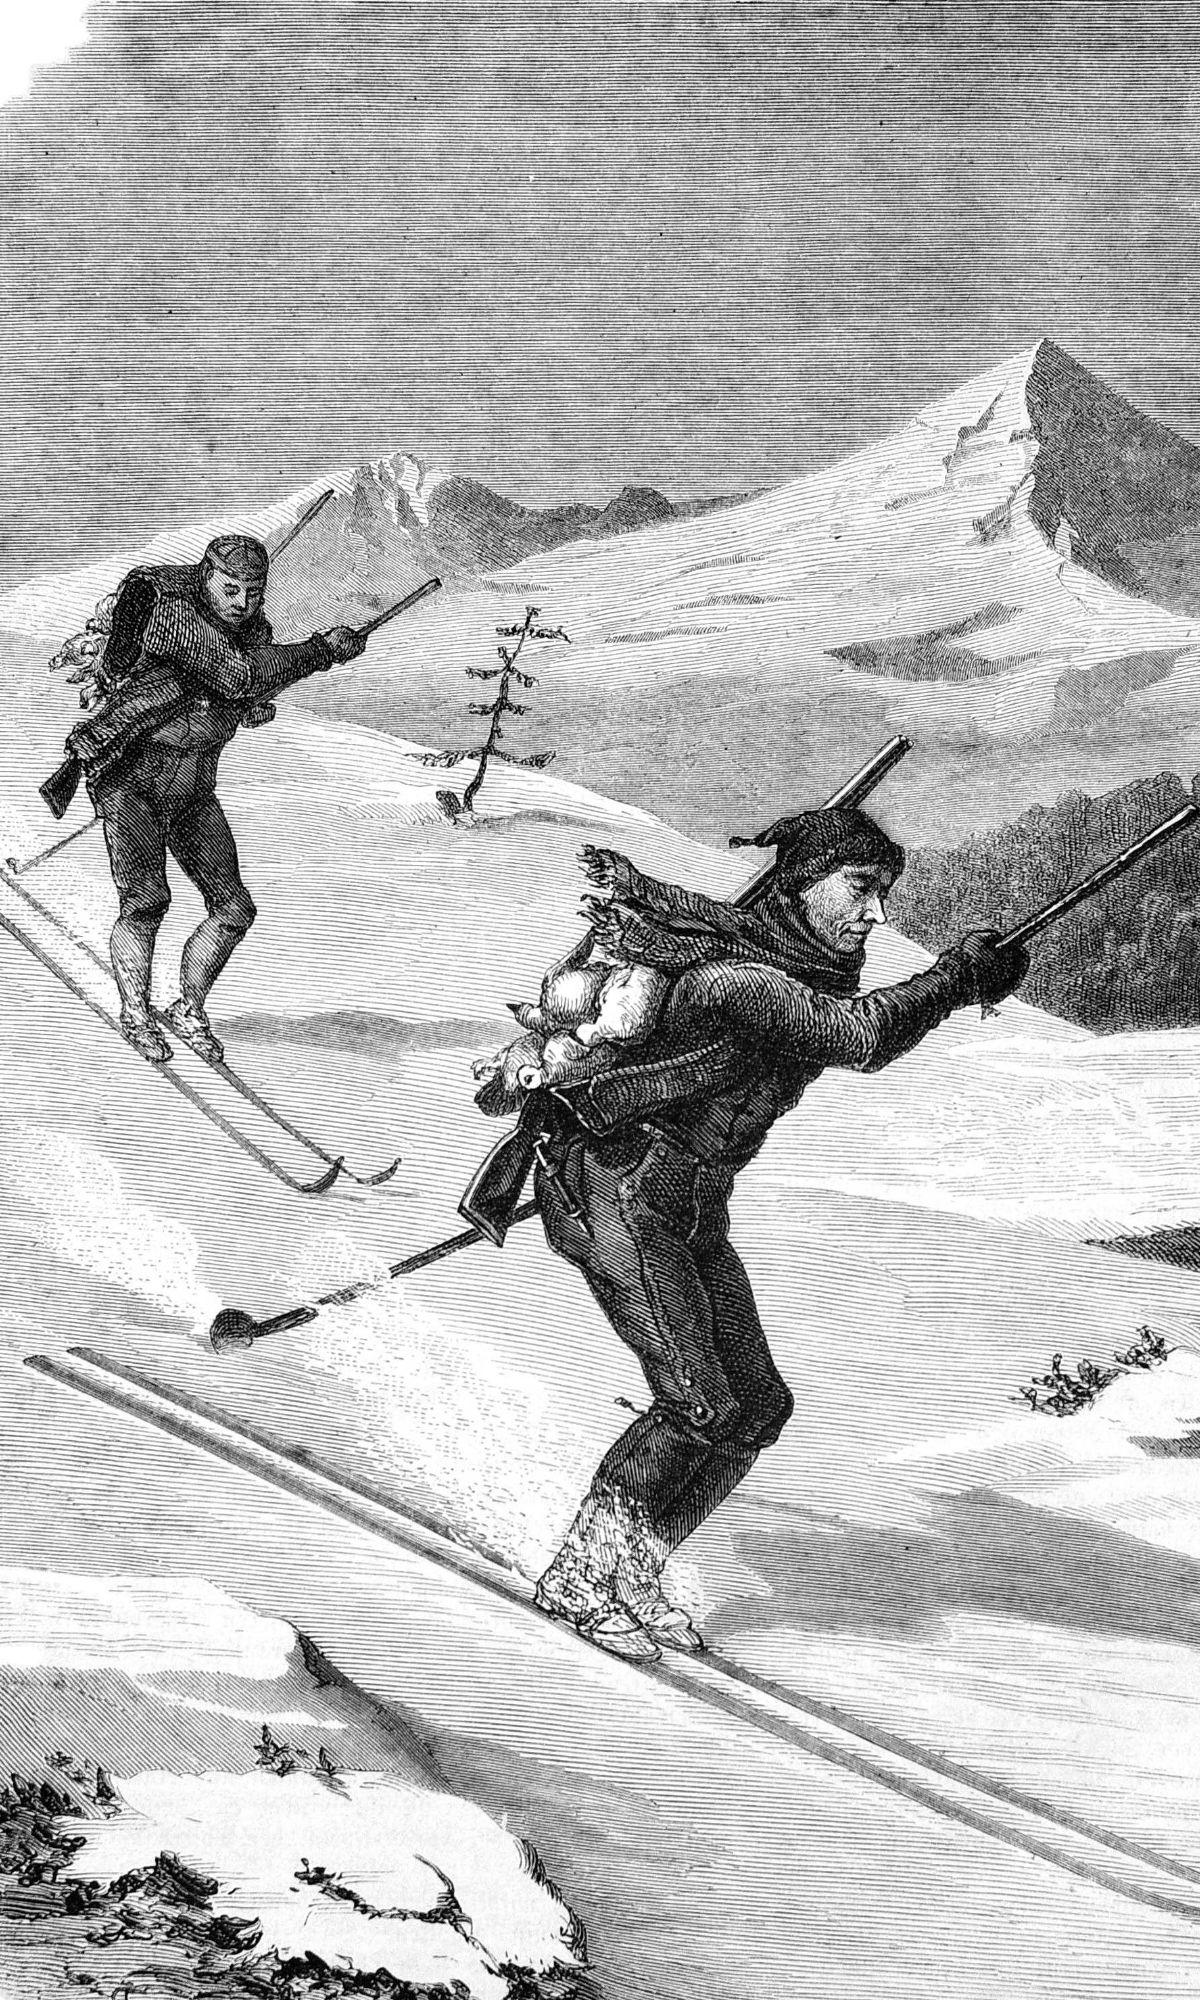 Schneehuhnjäger auf Skiern bei der Abfahrt.